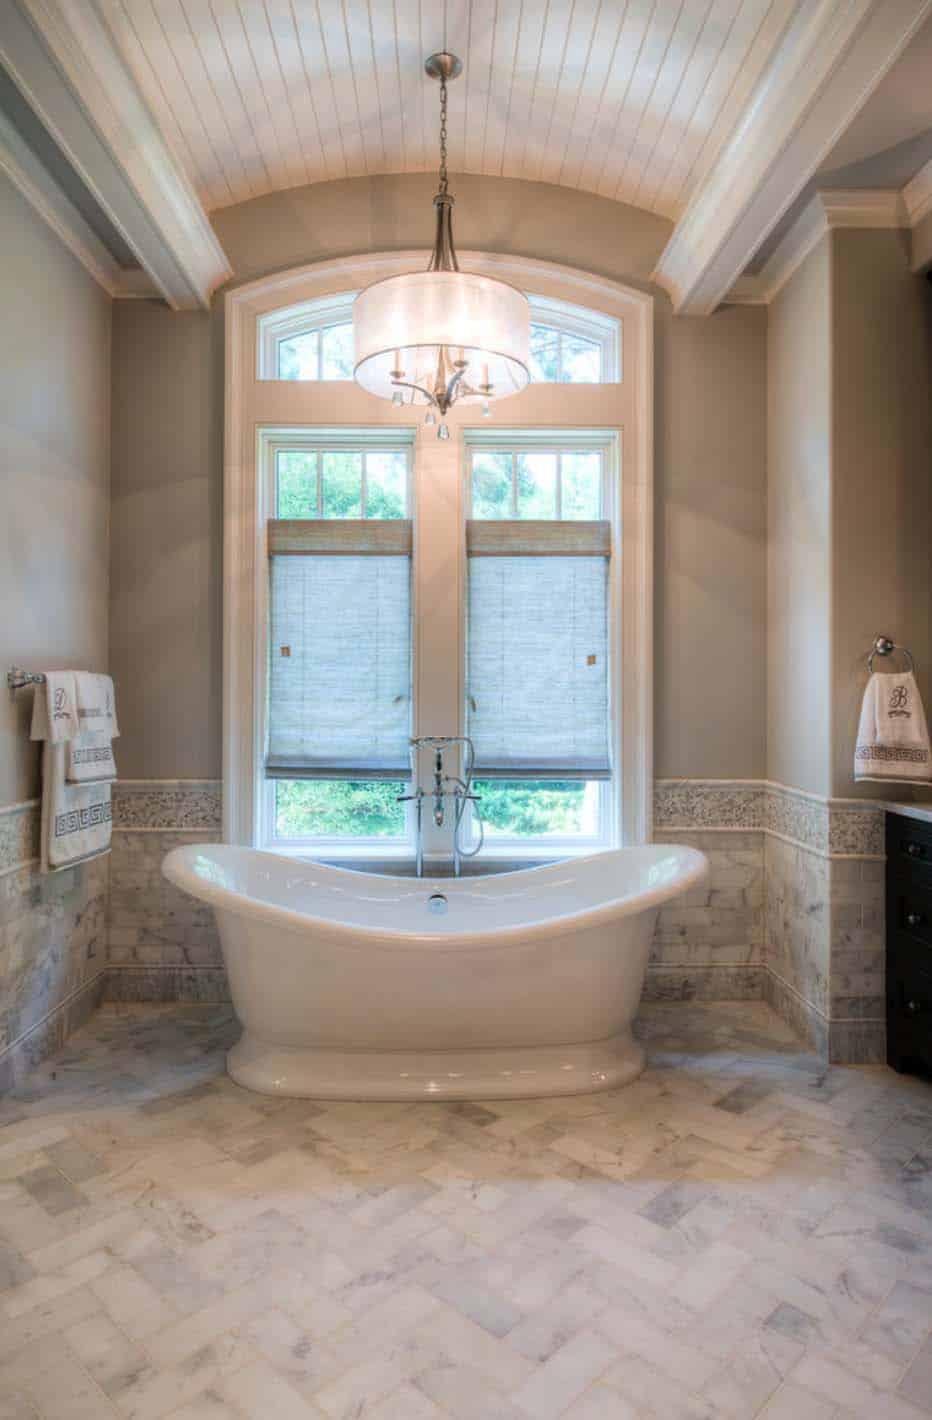 Freestanding-Tubs-Bathroom-Ideas-36-1 Kindesign